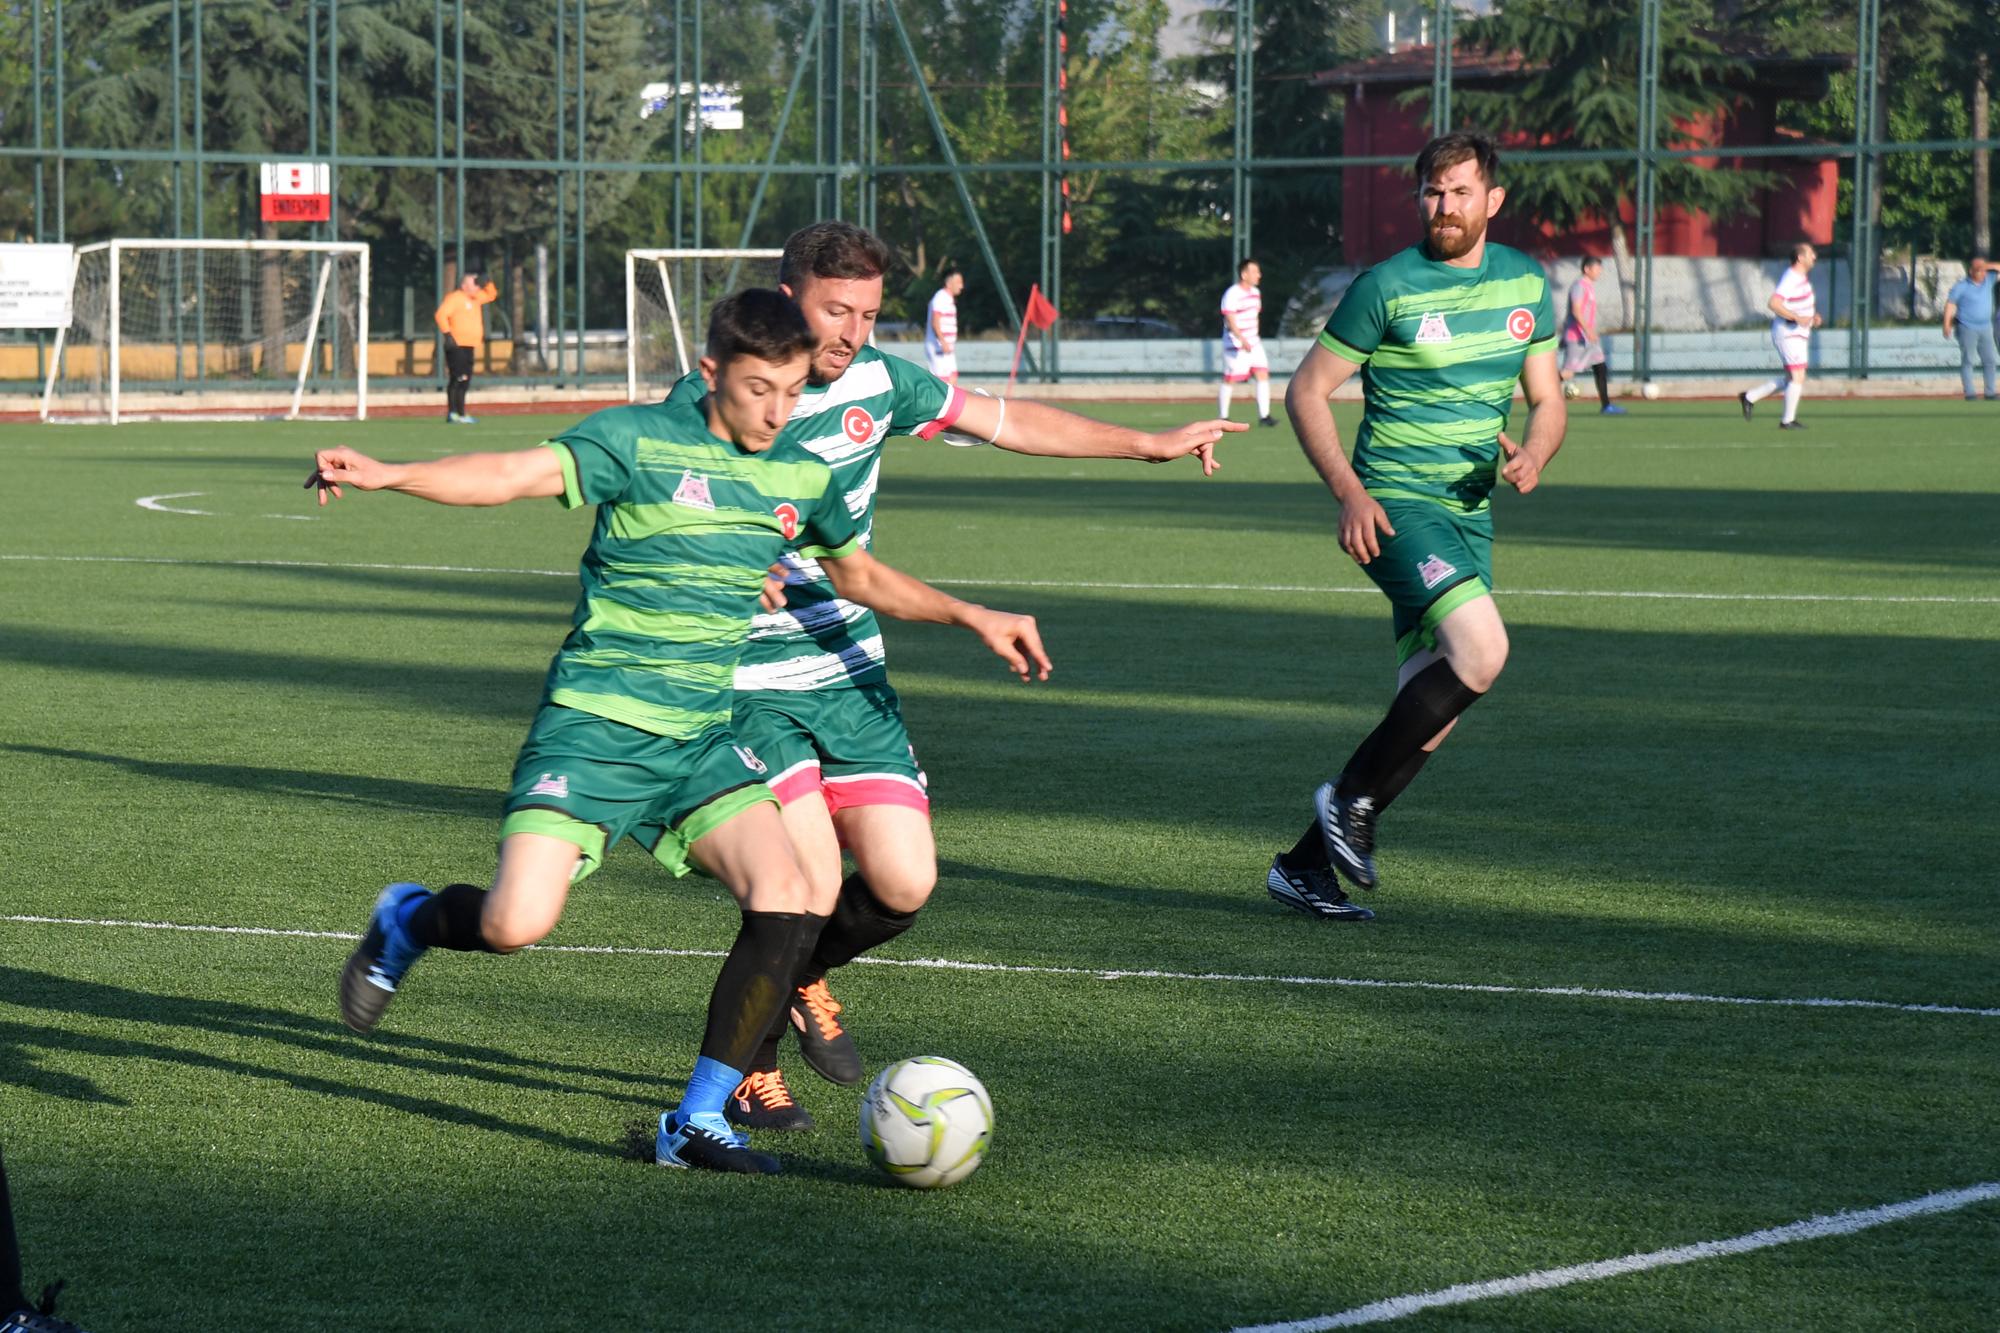 29-06-2021-belediye-futbol-turnuvasi-4